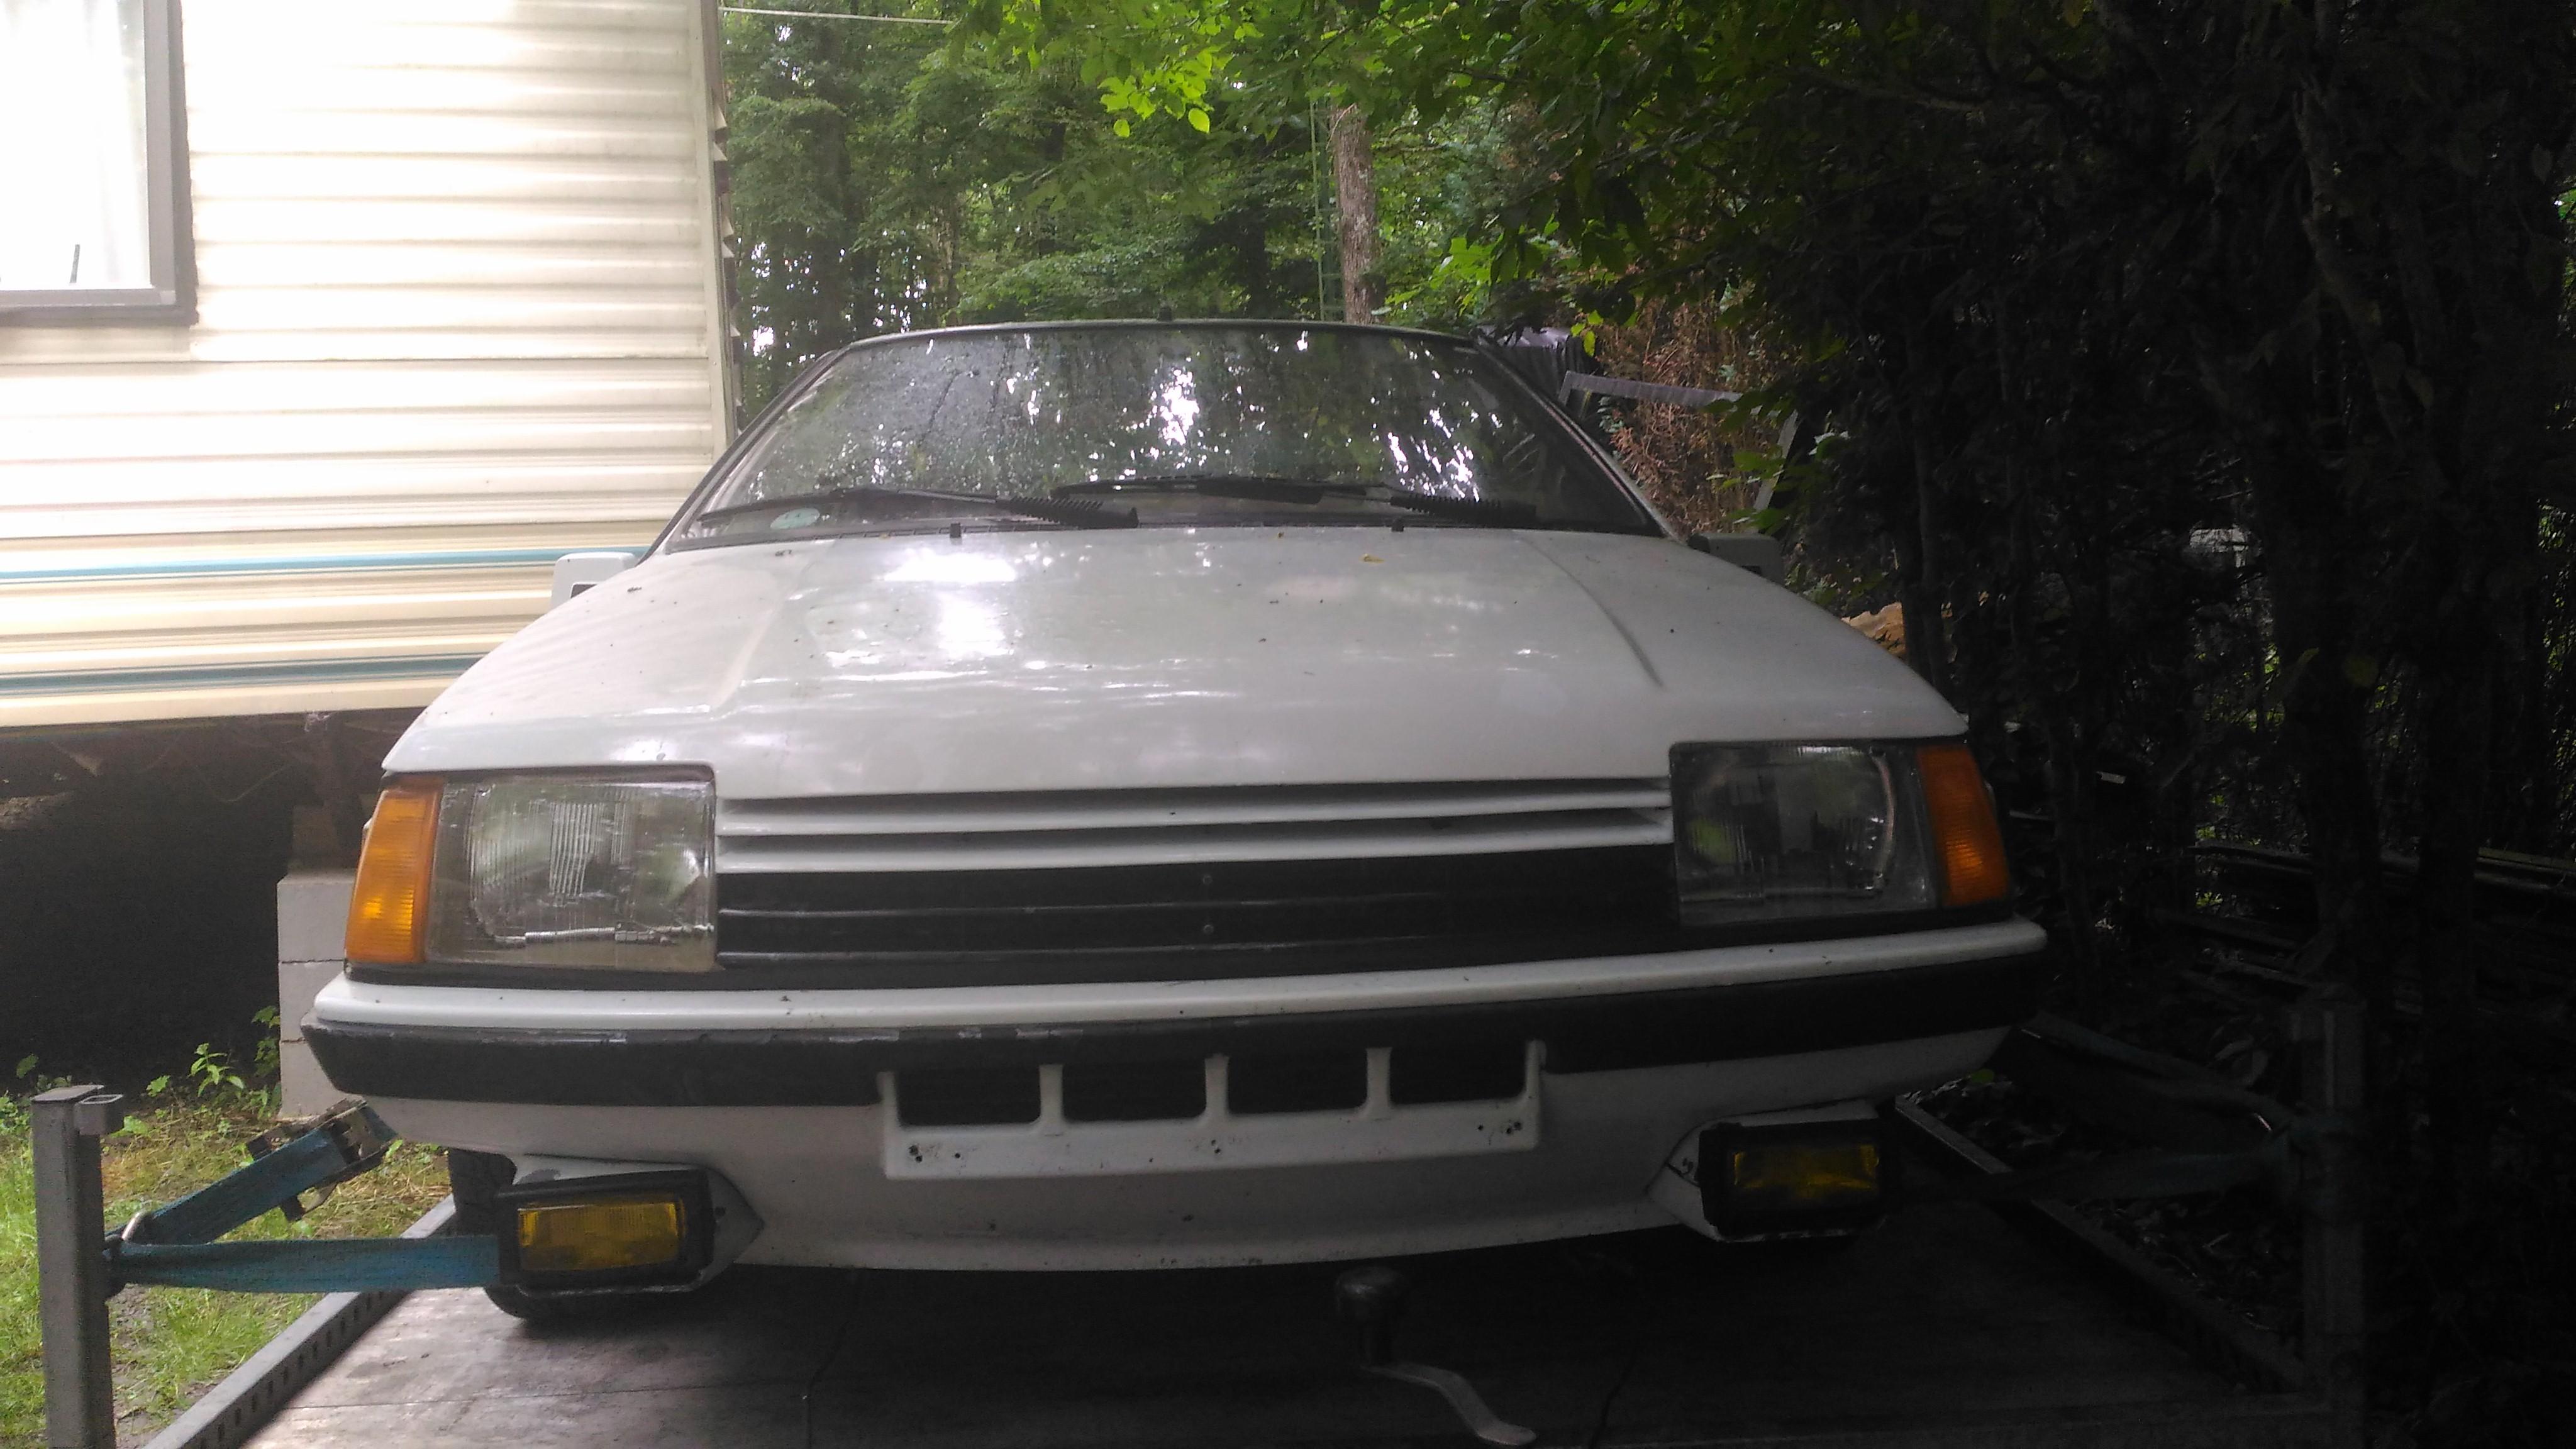 RENAULT FUEGO GTL serie speciale 1743 cc